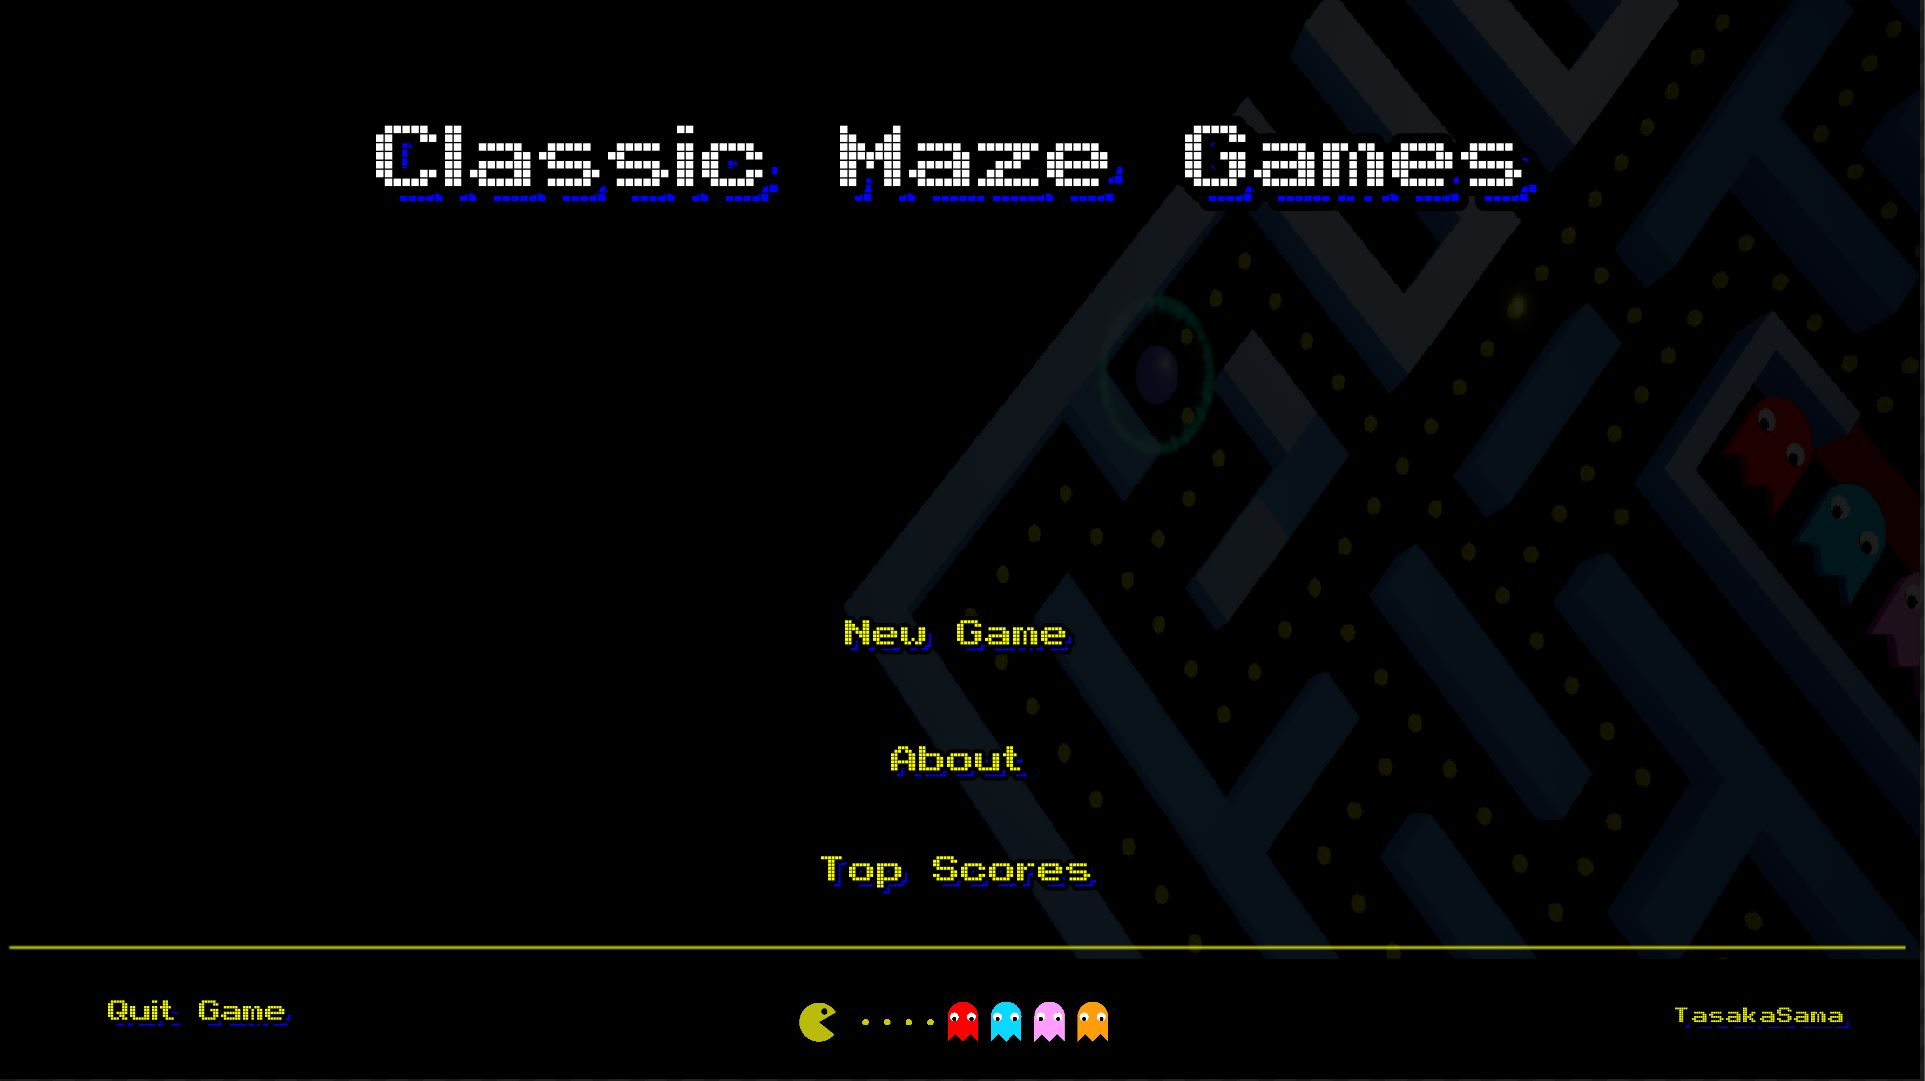 ClassicMazeGame